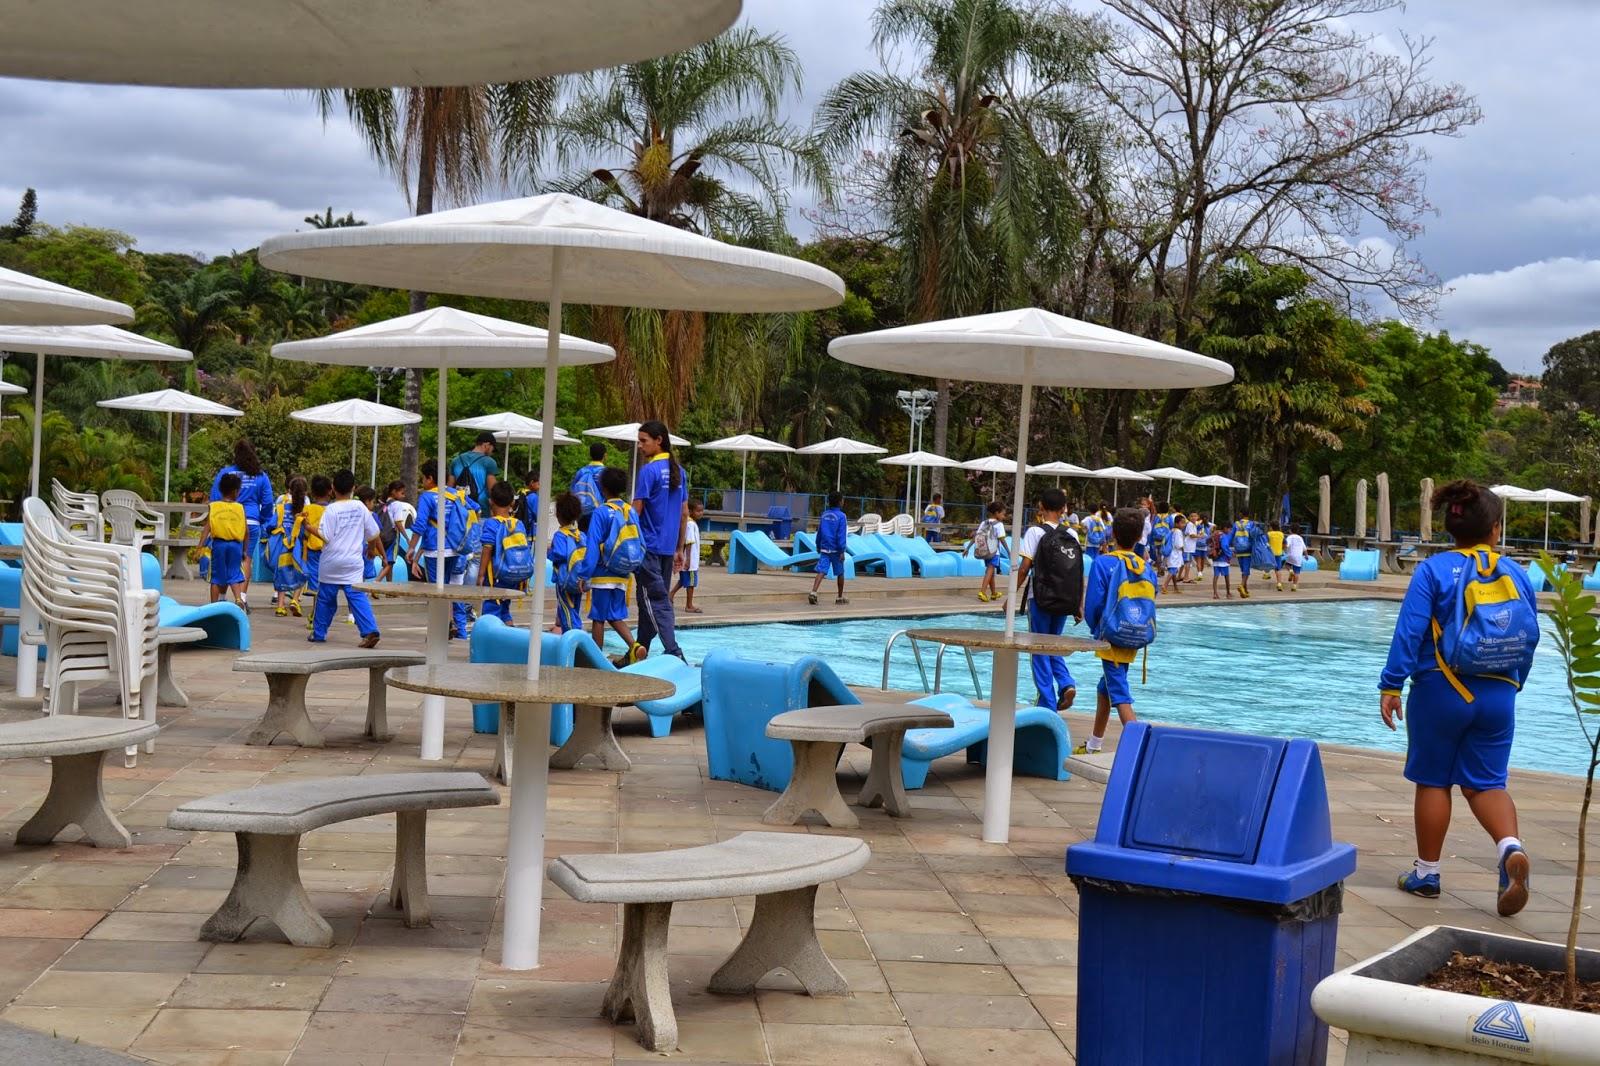 7621df1e026 Dia 22 de Outubro foi o dia do tão esperado passeio para o clube AABB de Belo  Horizonte. Os educandos da Turma 1 e 2 passaram o dia brincando na piscina